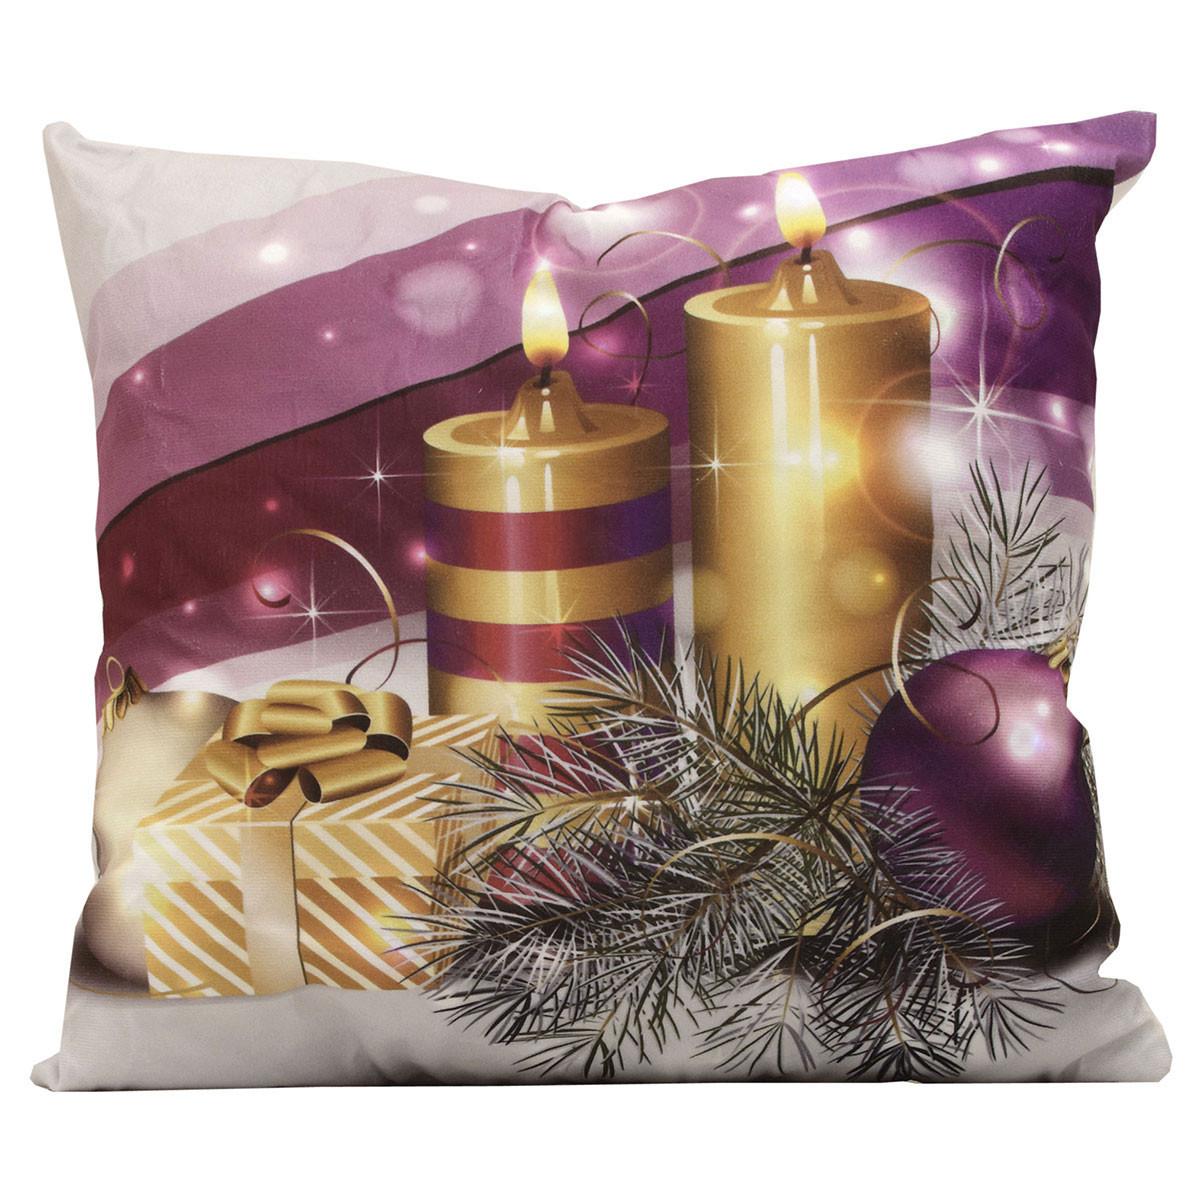 Χριστουγεννιάτικο Μαξιλάρι Viopros Led 315 home   χριστουγεννιάτικα   χριστουγεννιάτικα μαξιλάρια